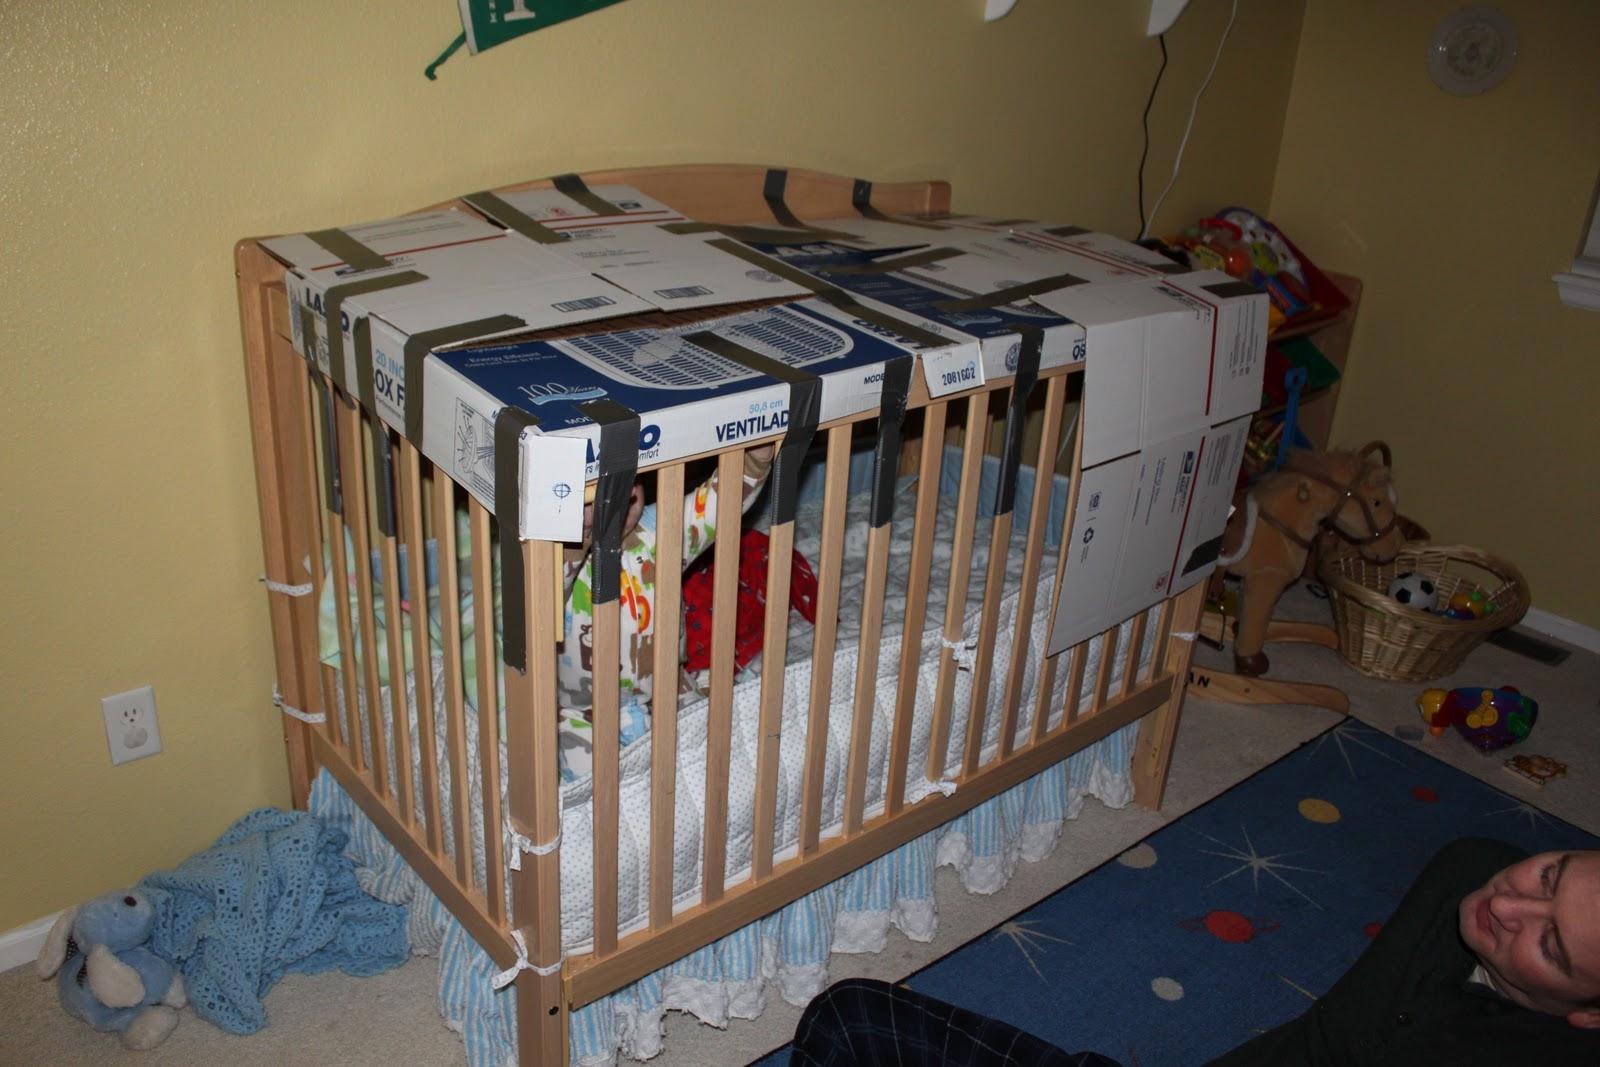 My Misadventures Crib Lid